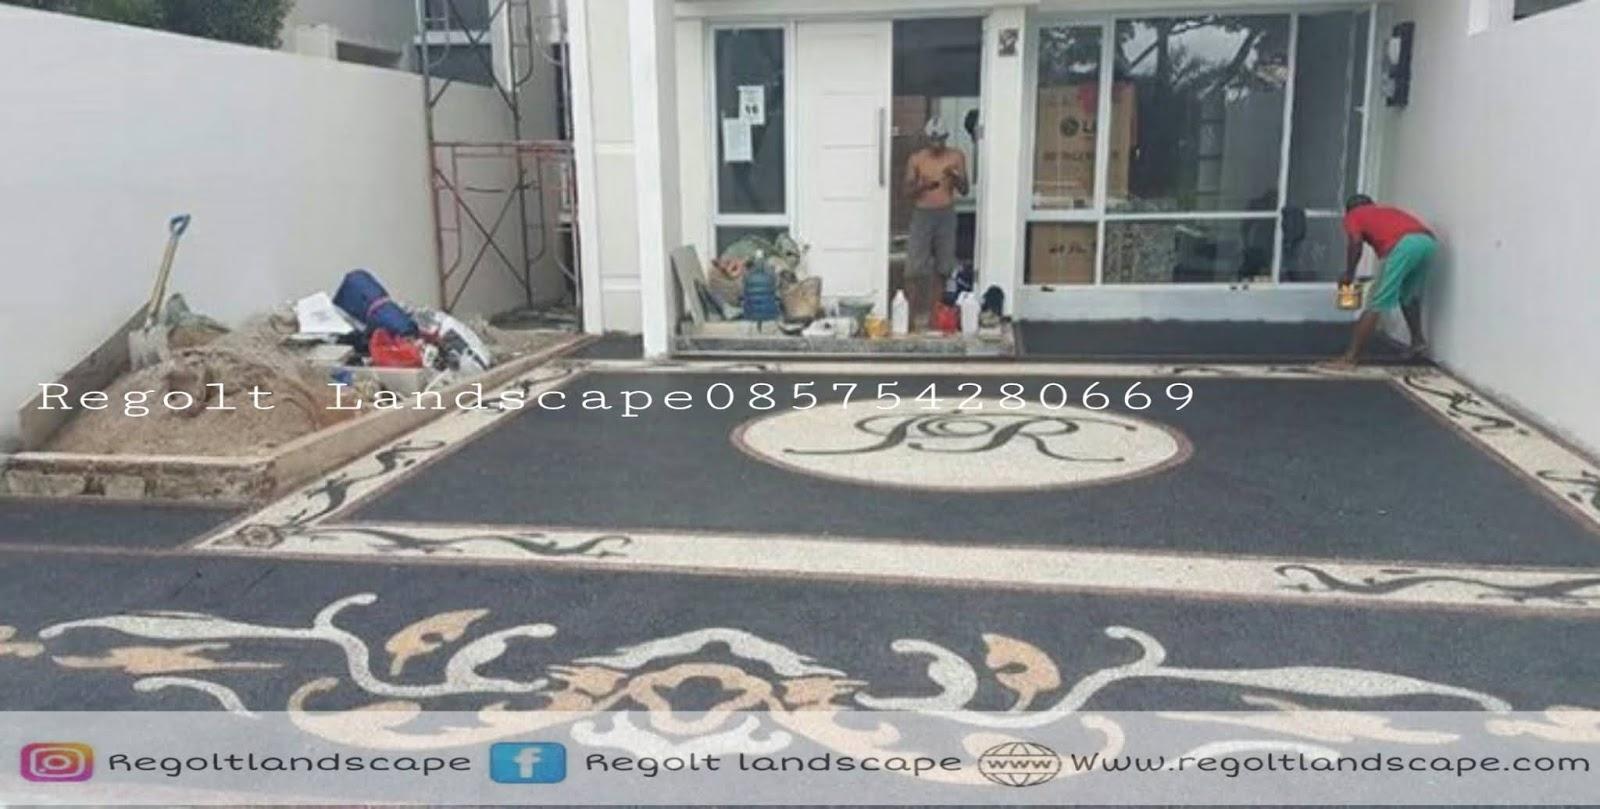 Jasa Tukang Pasang Batu Sikat Carport Di Jakarta Barat - Selatan - Utara - Timur - Pusat